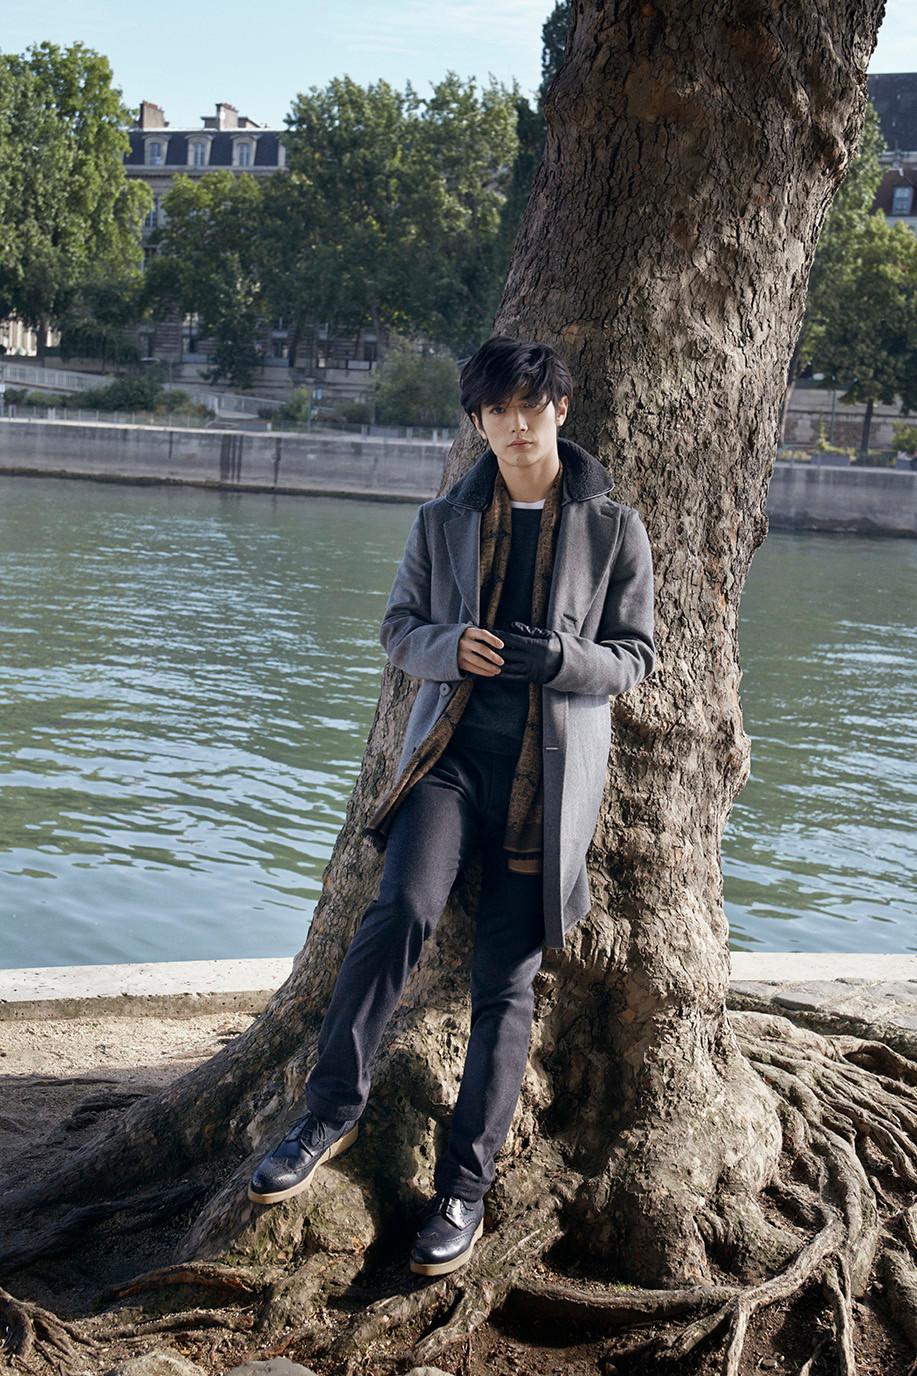 Haruma Miura/Louis Vuitton GQ